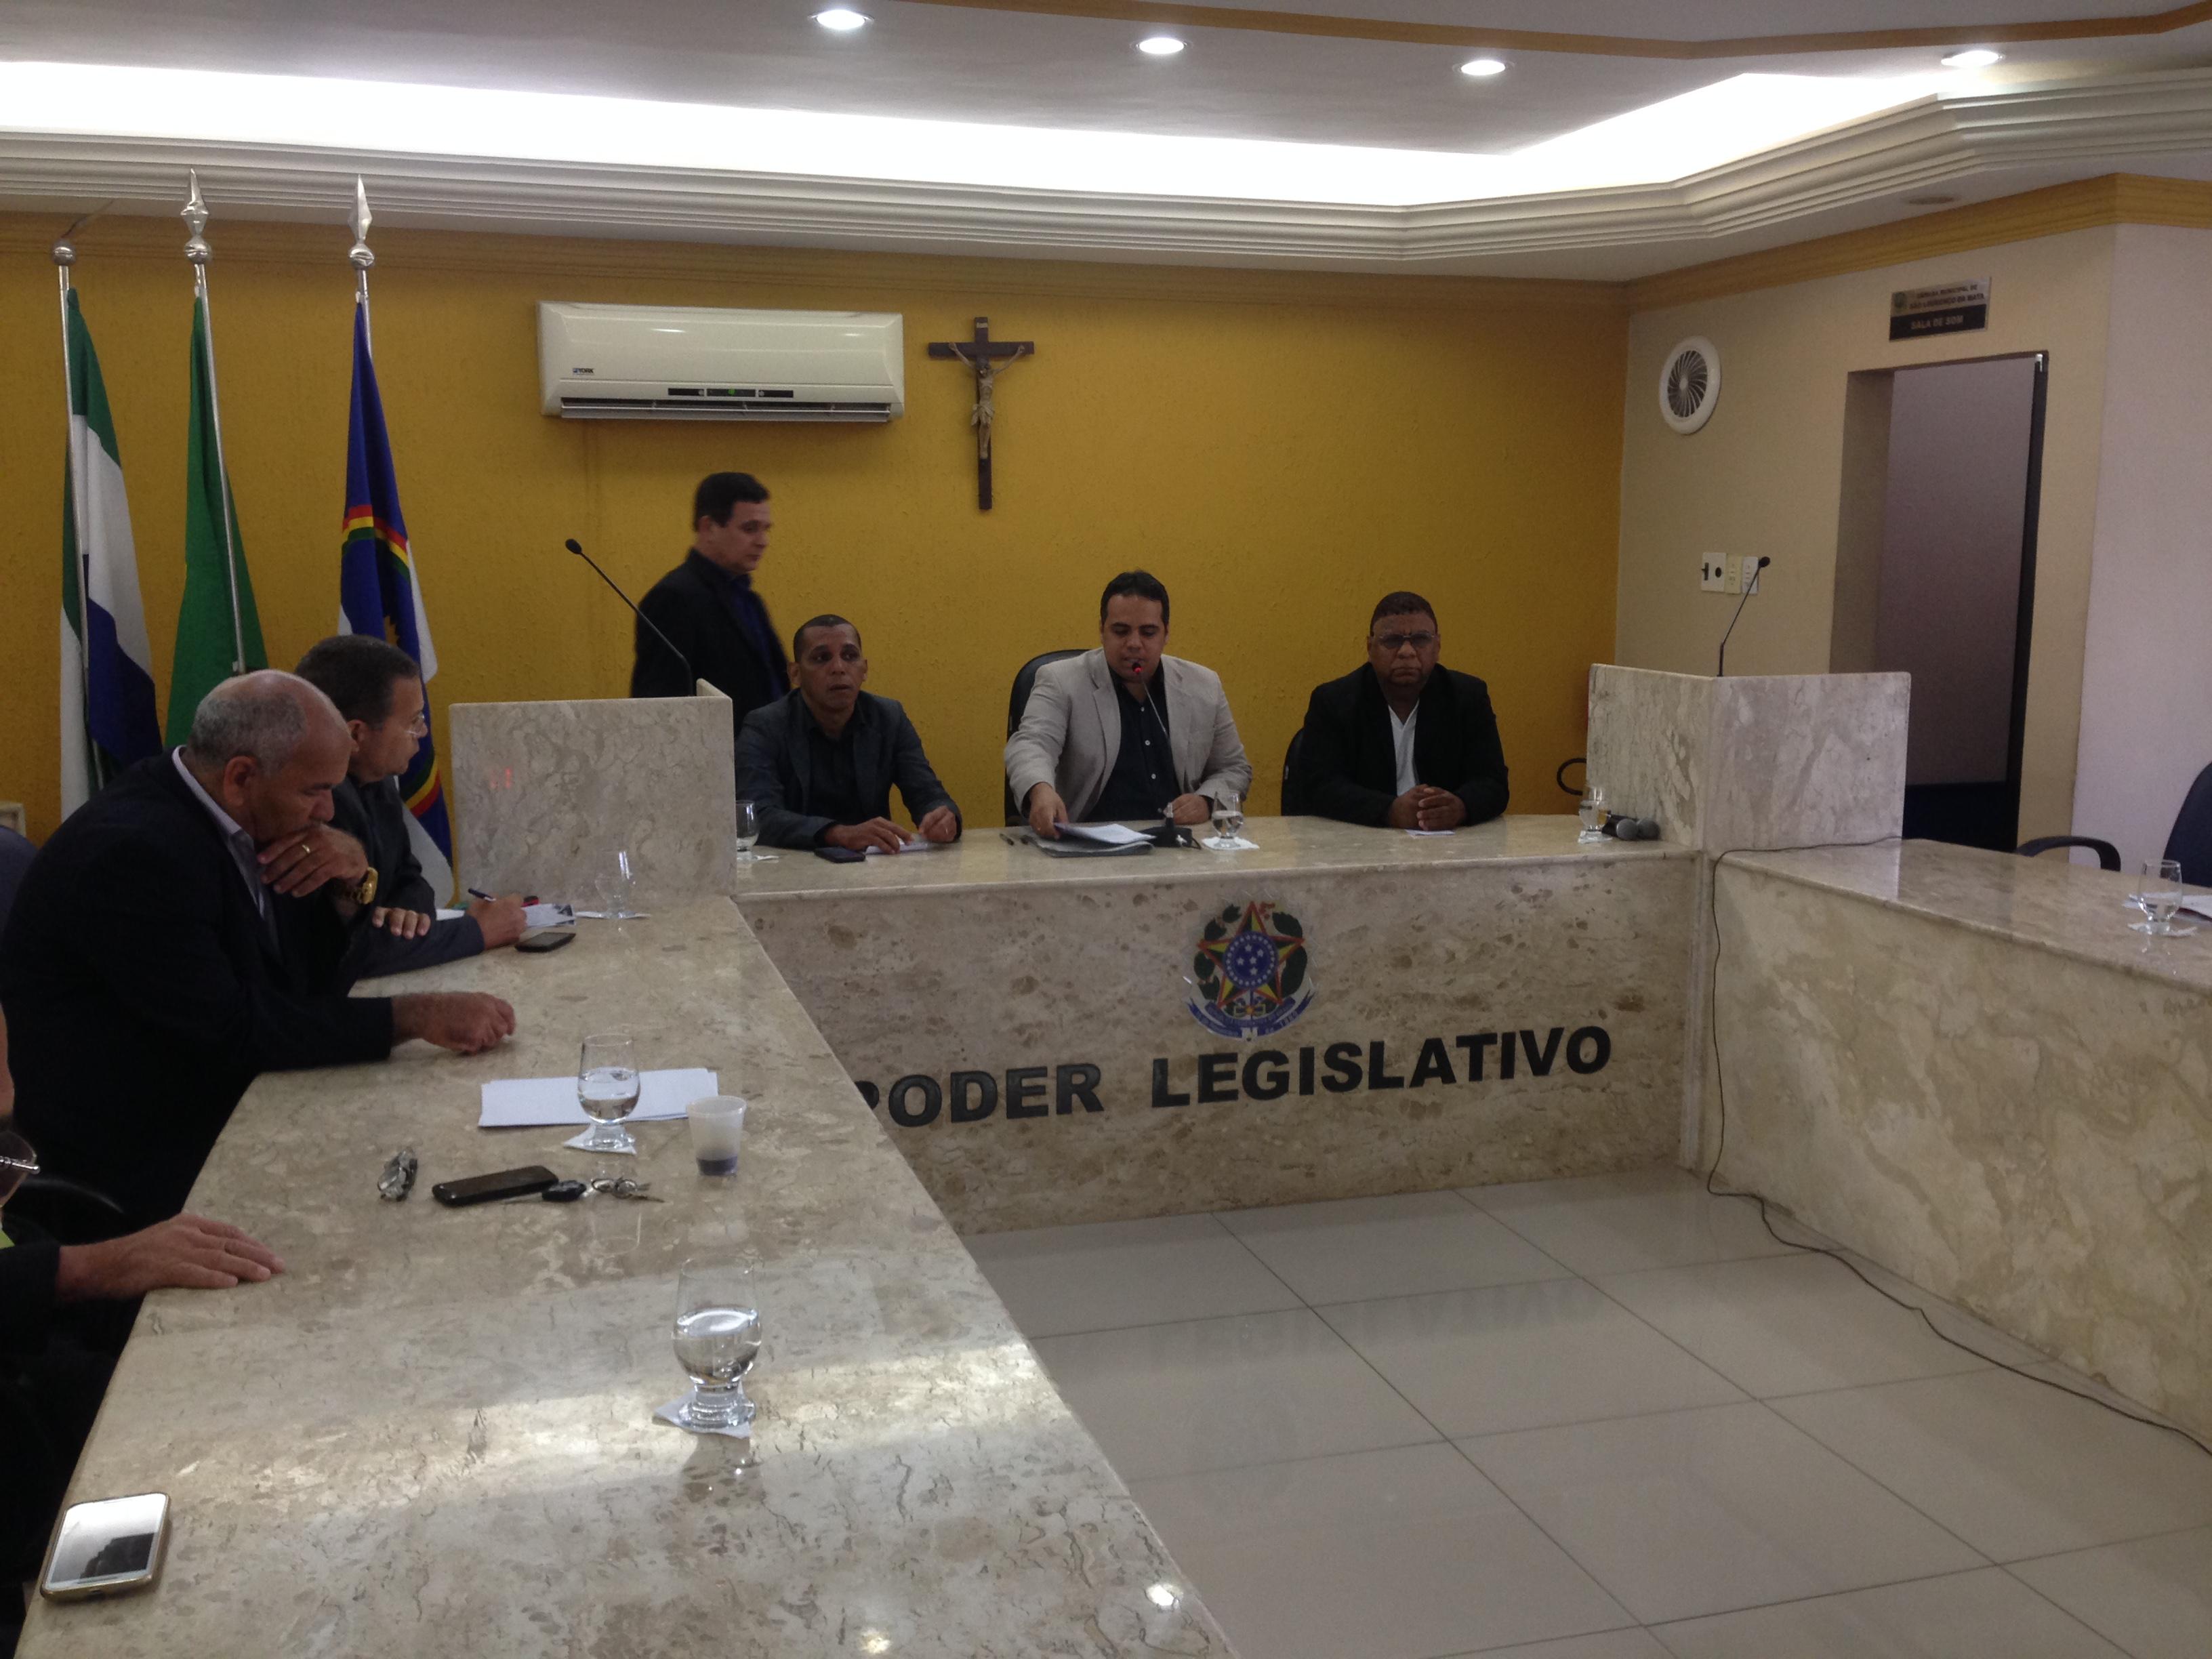 Comissão de Transporte é criada após Audiência Pública sobre BRT/VLT